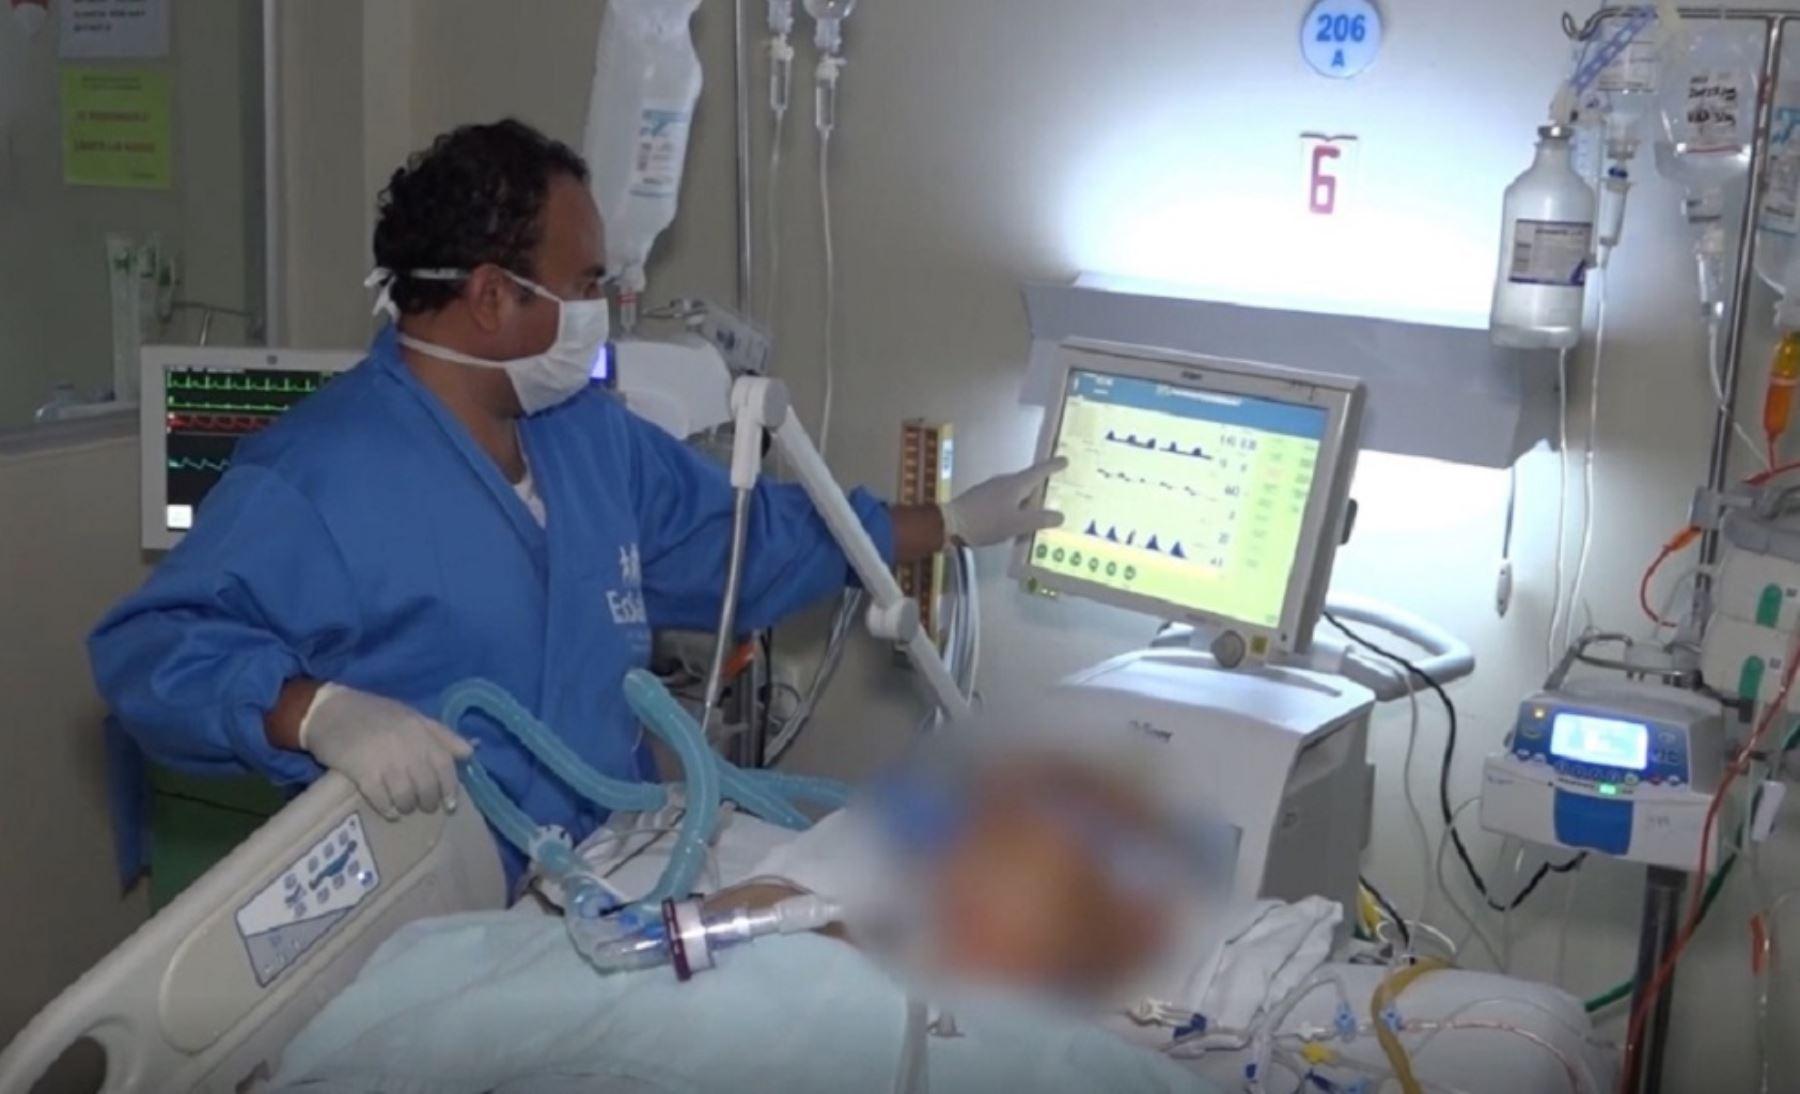 Durante la emergencia nacional por la pandemia del covid-19, la Red Asistencial Lambayeque de EsSalud incrementó el número de camas para la atención de pacientes críticos covid y no covid en los principales hospitales de la región, pasando de 6 a 51 camas durante el 2020. Foto: EsSalud